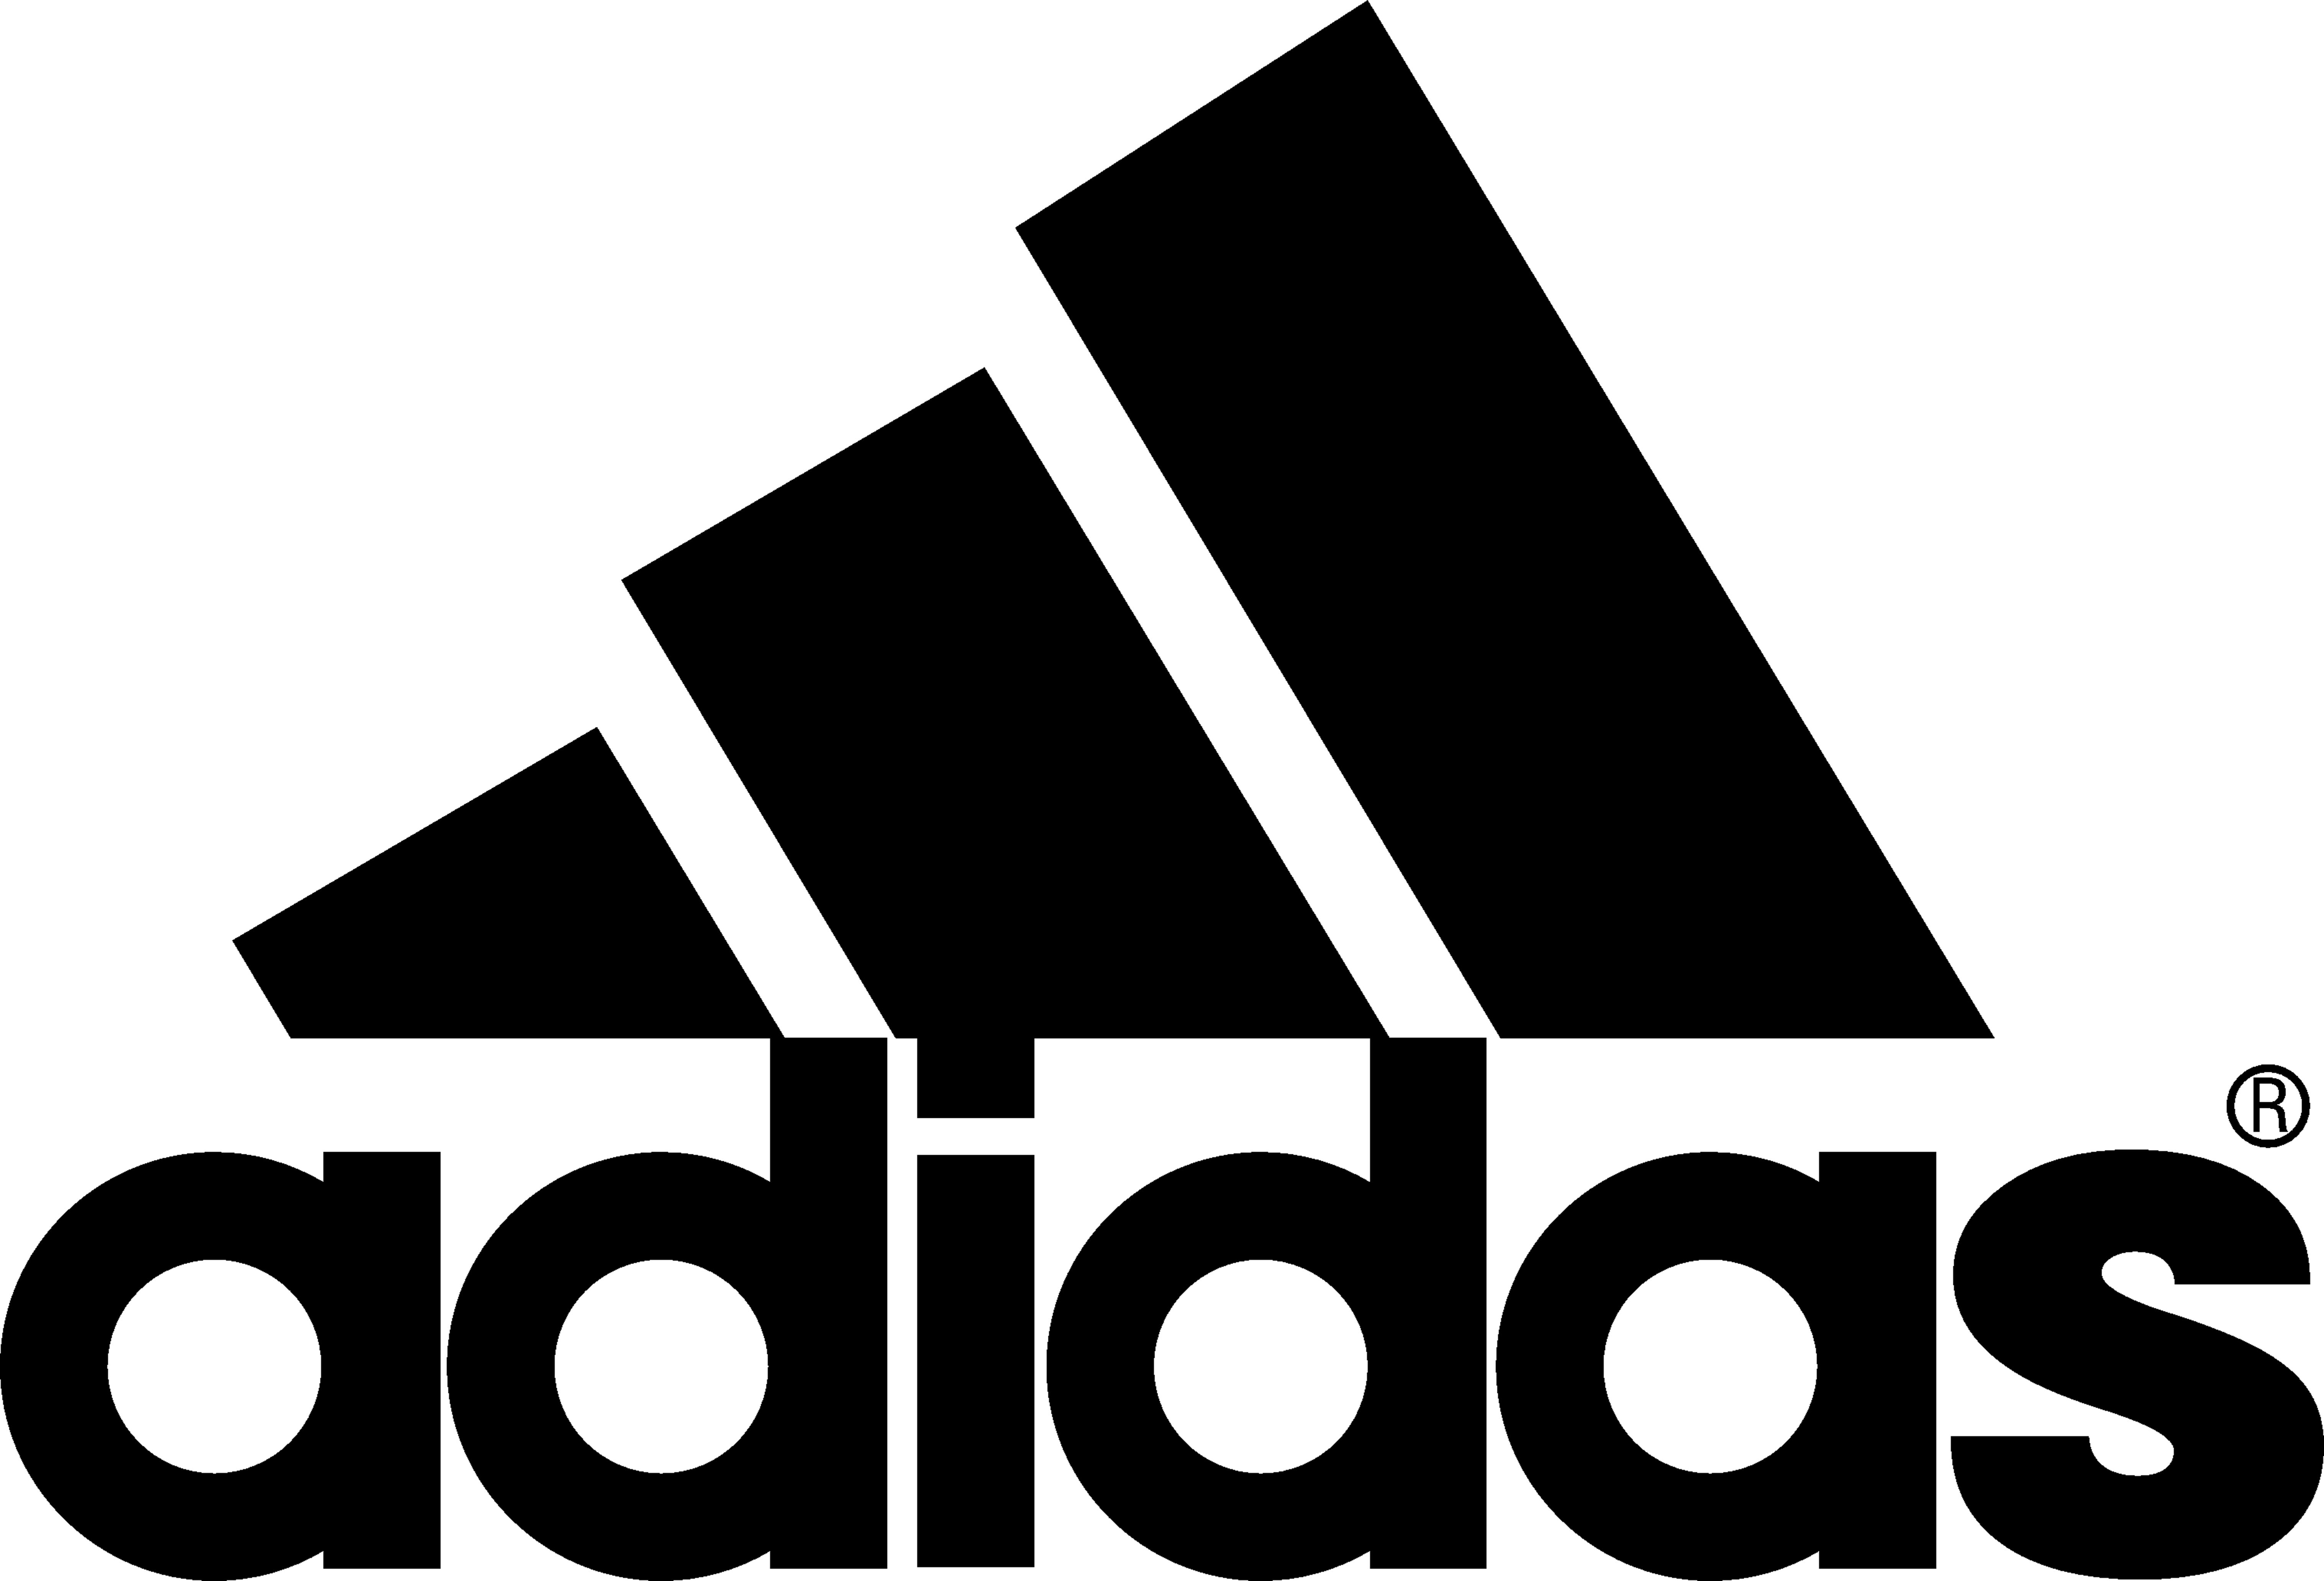 Adidas HD PNG - 92560